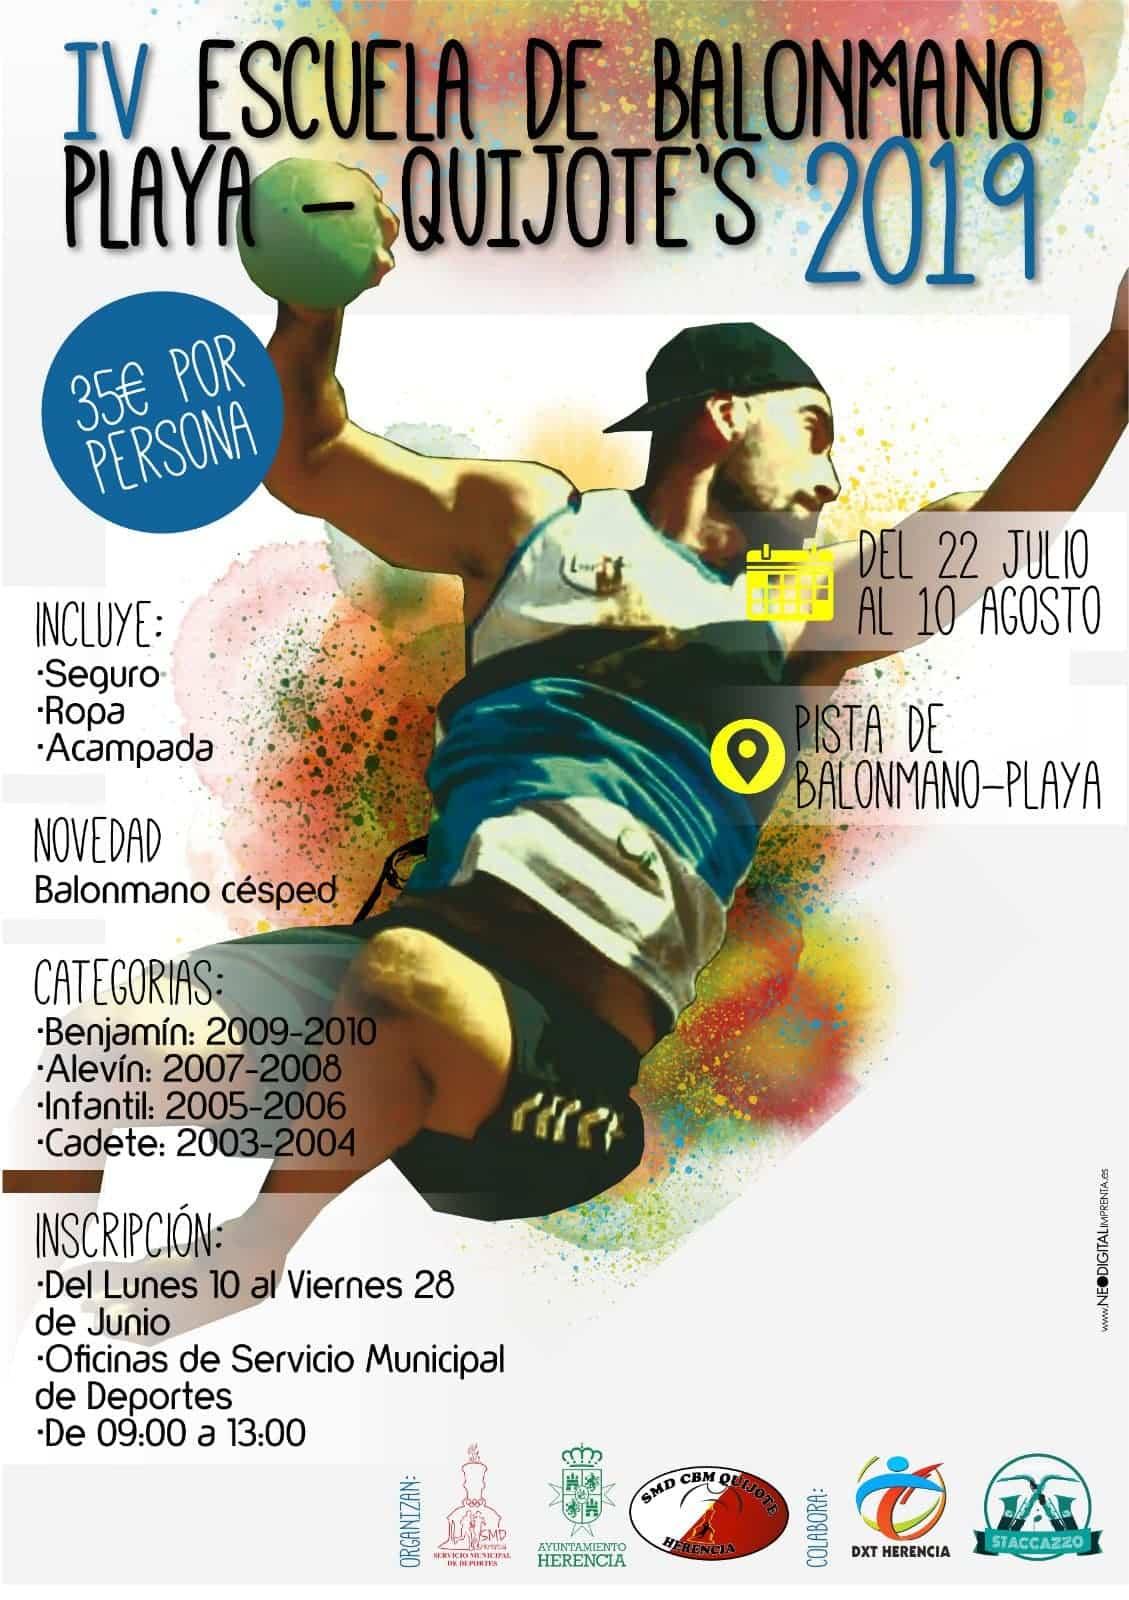 Abiertas inscripciones para la IV Escuela de Balonmano Playa-Quijote's 2019 3